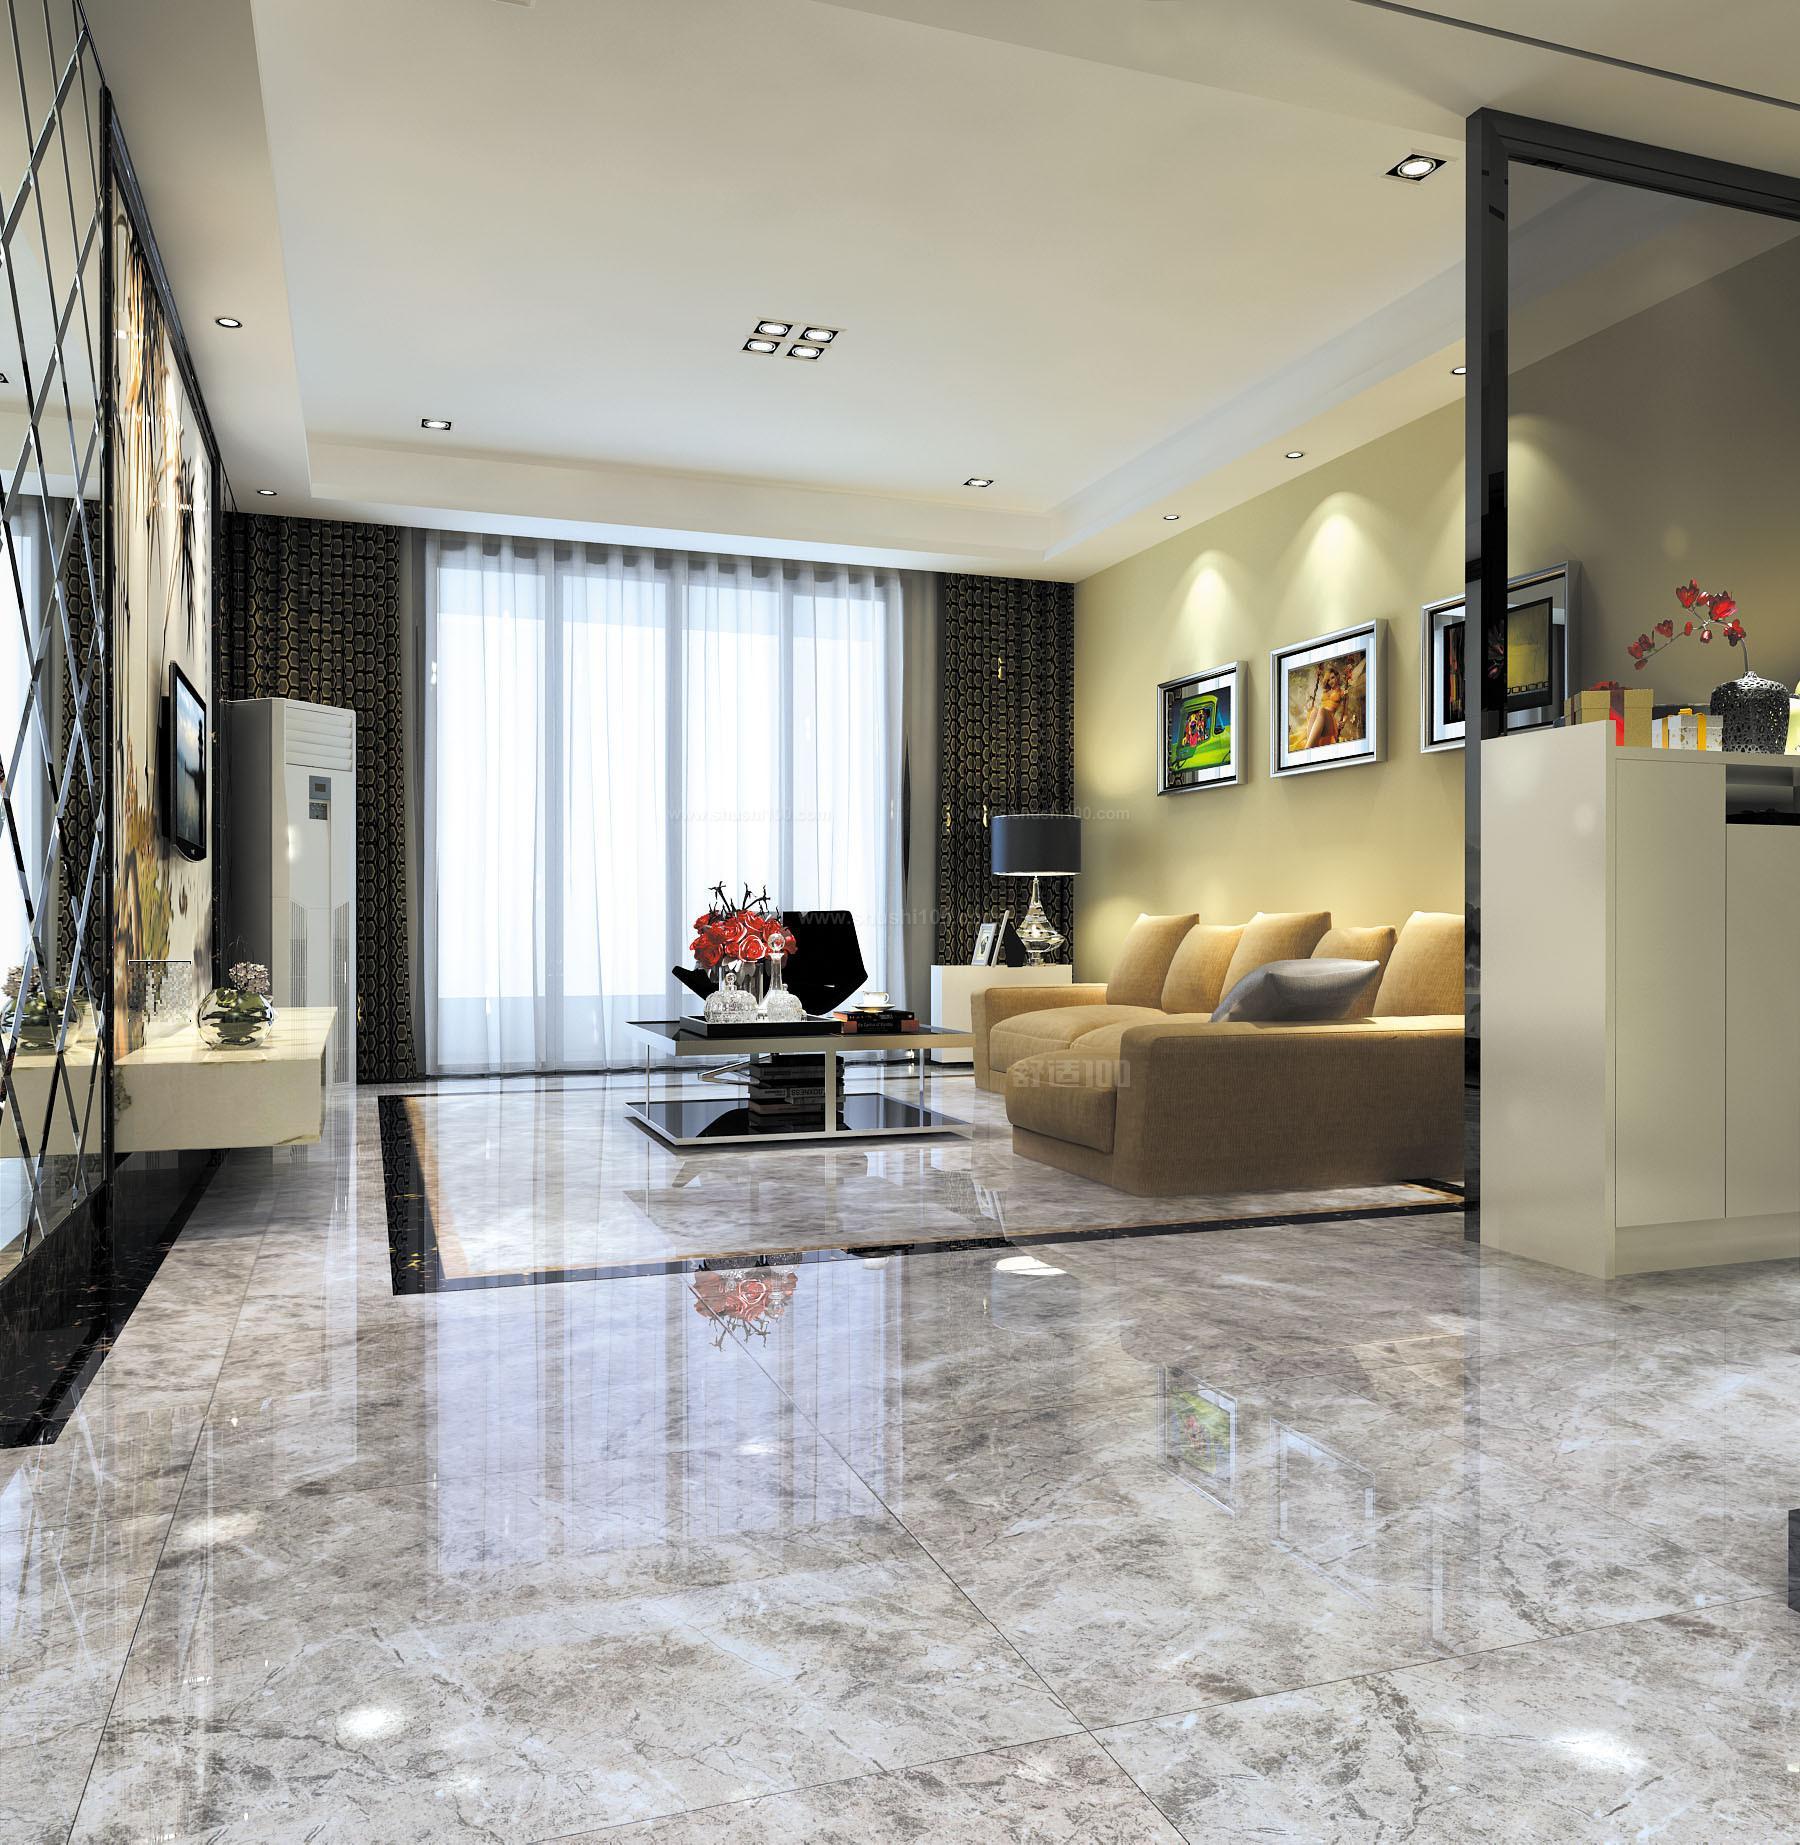 客厅装修用什么瓷砖好,客厅瓷砖选购须知